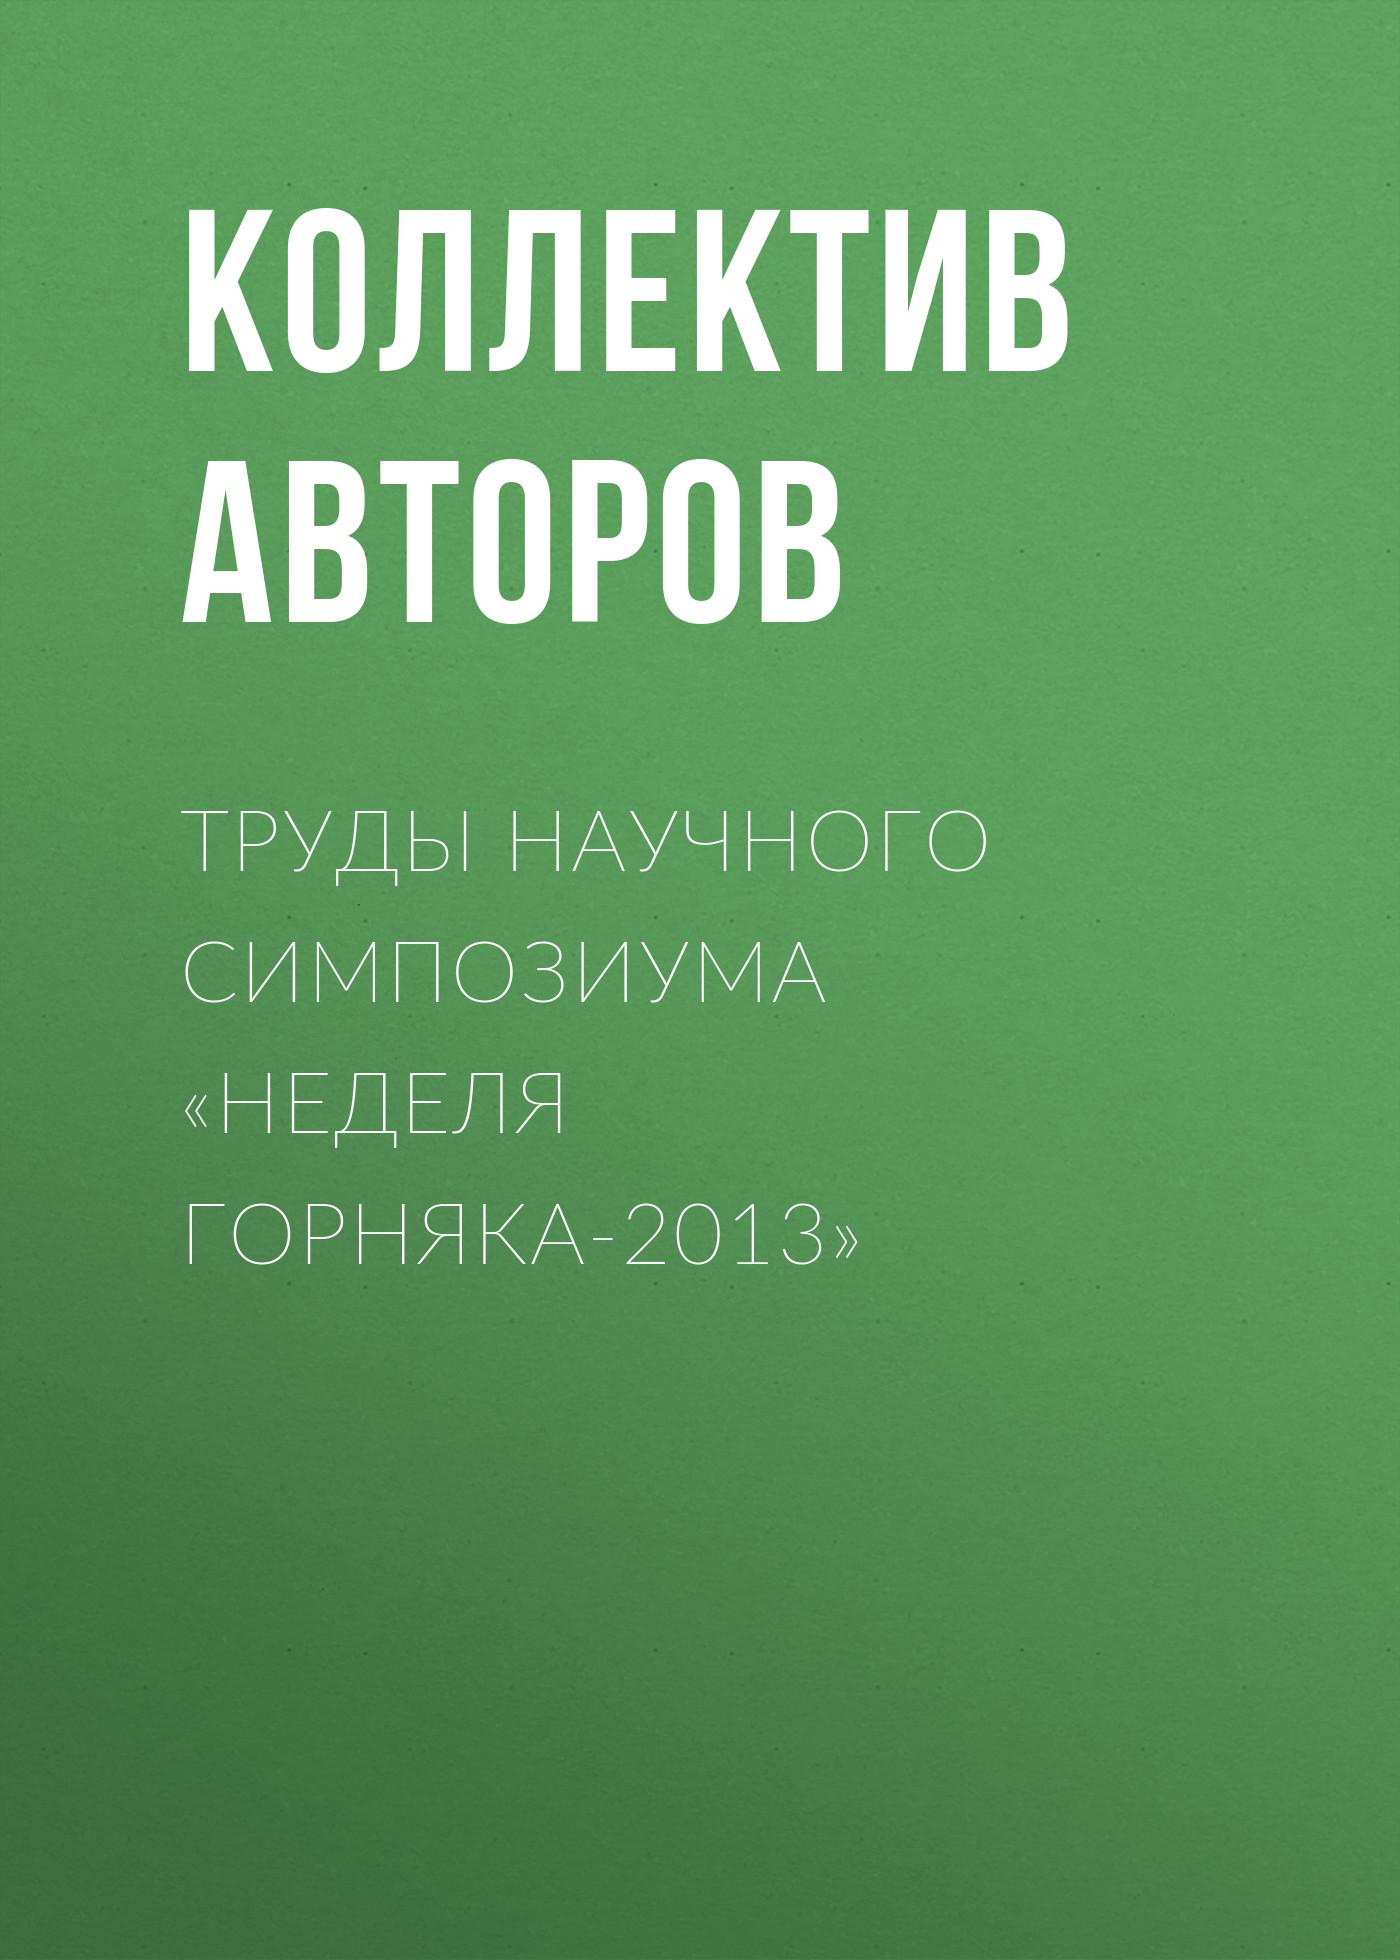 цена Коллектив авторов Труды научного симпозиума «Неделя горняка-2013»